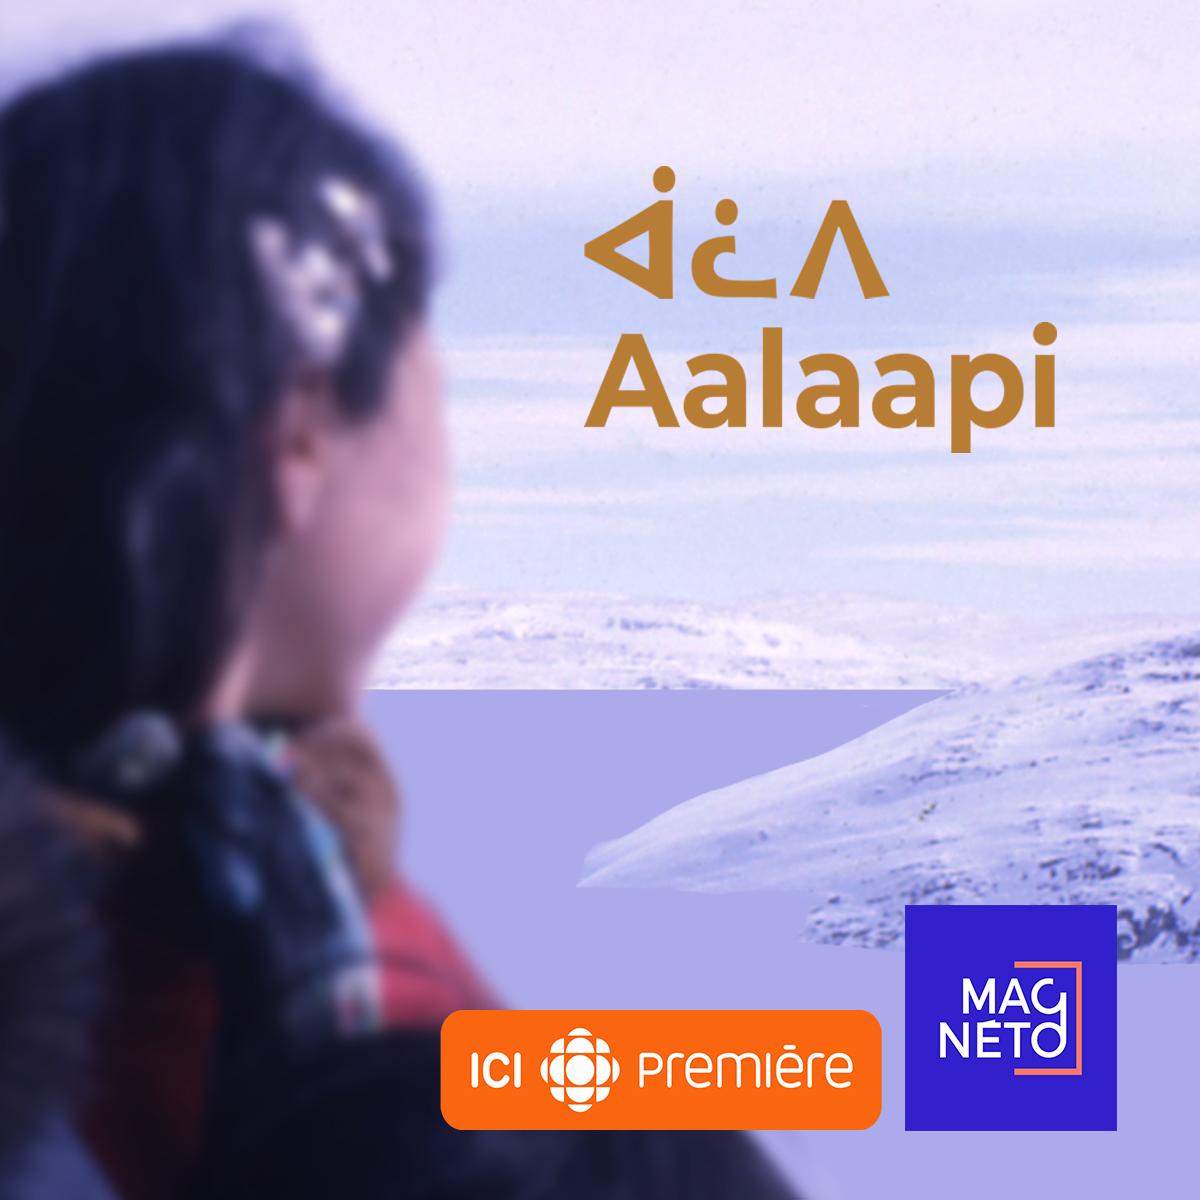 Aalaapi_image_partage_facebook.jpg